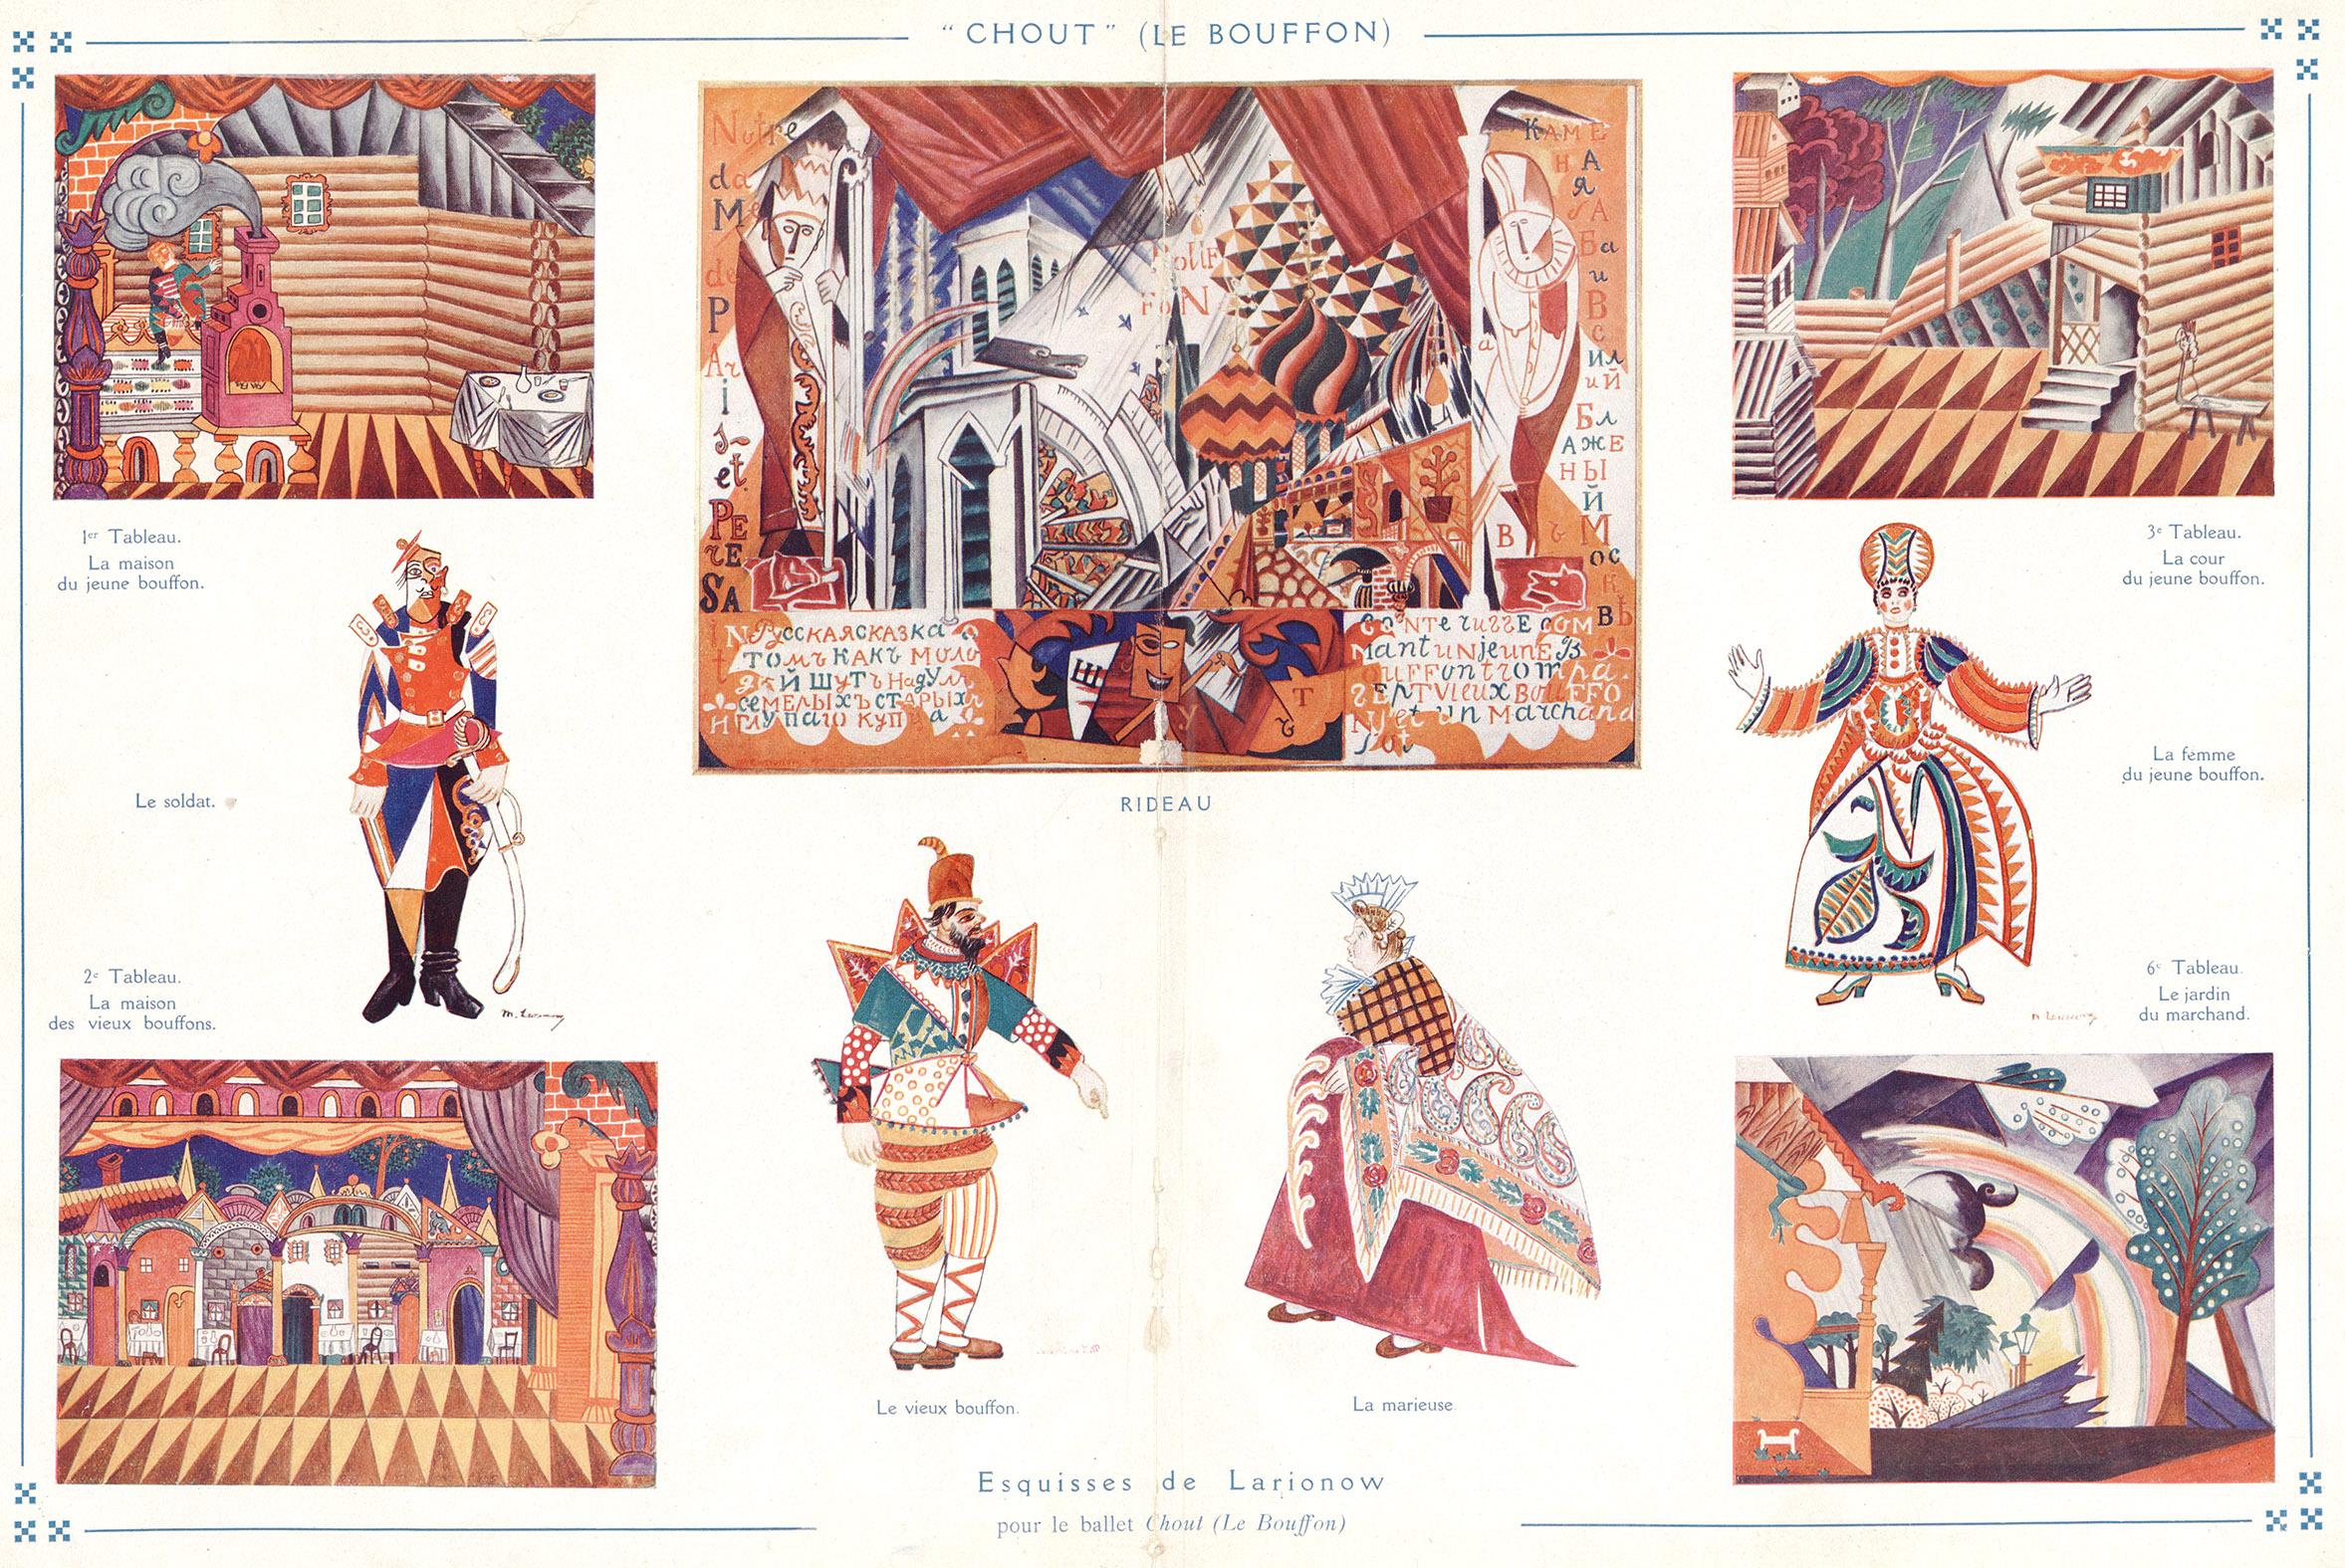 Esquisses de Larionow pour le ballet Chout (Le Bouffon)